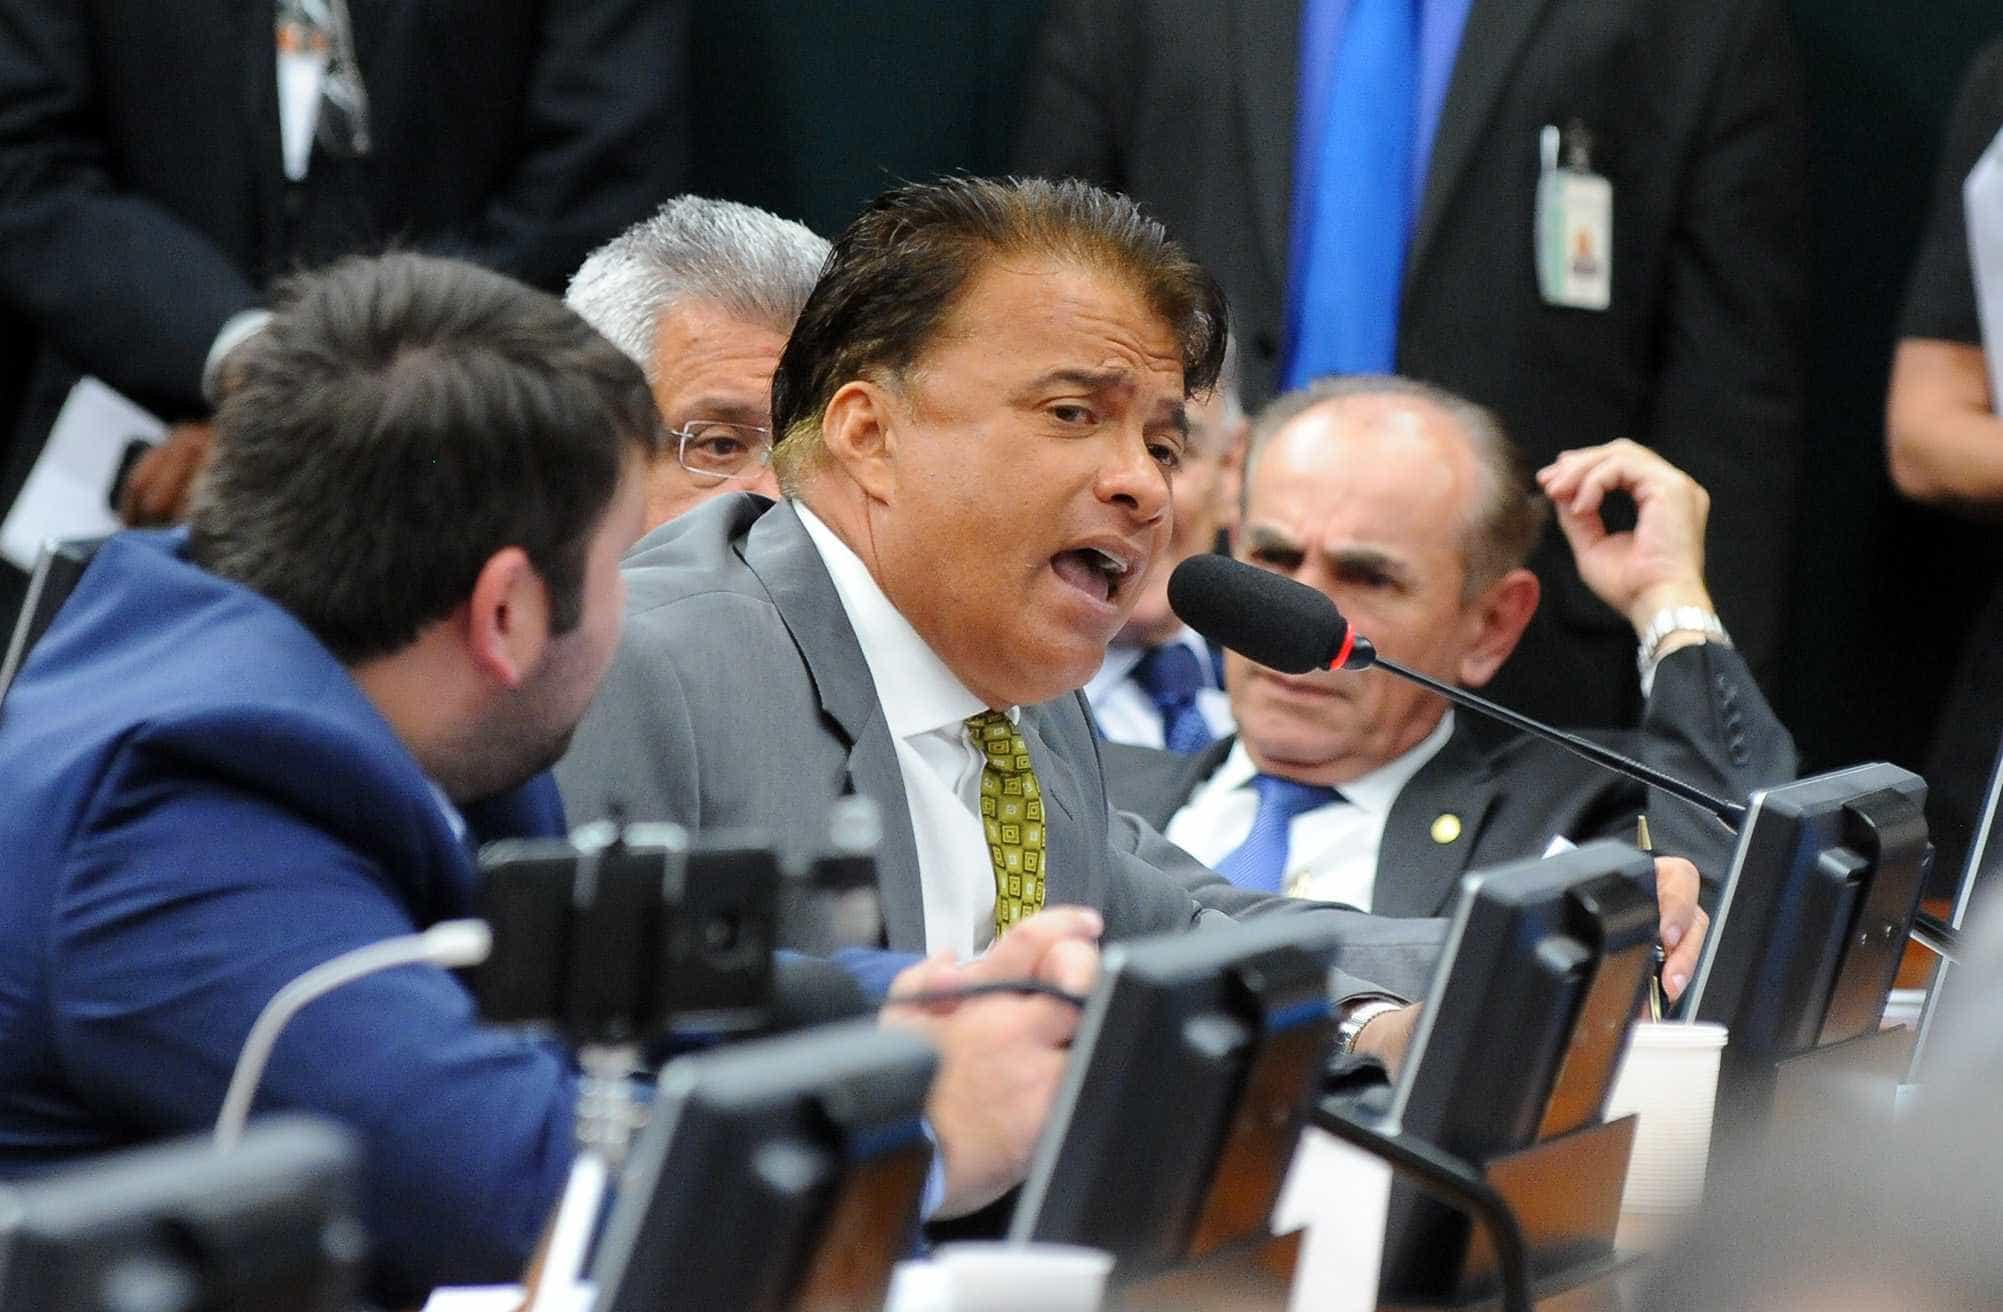 'Deputado da tatuagem' tem candidatura indeferida pela Ficha Limpa